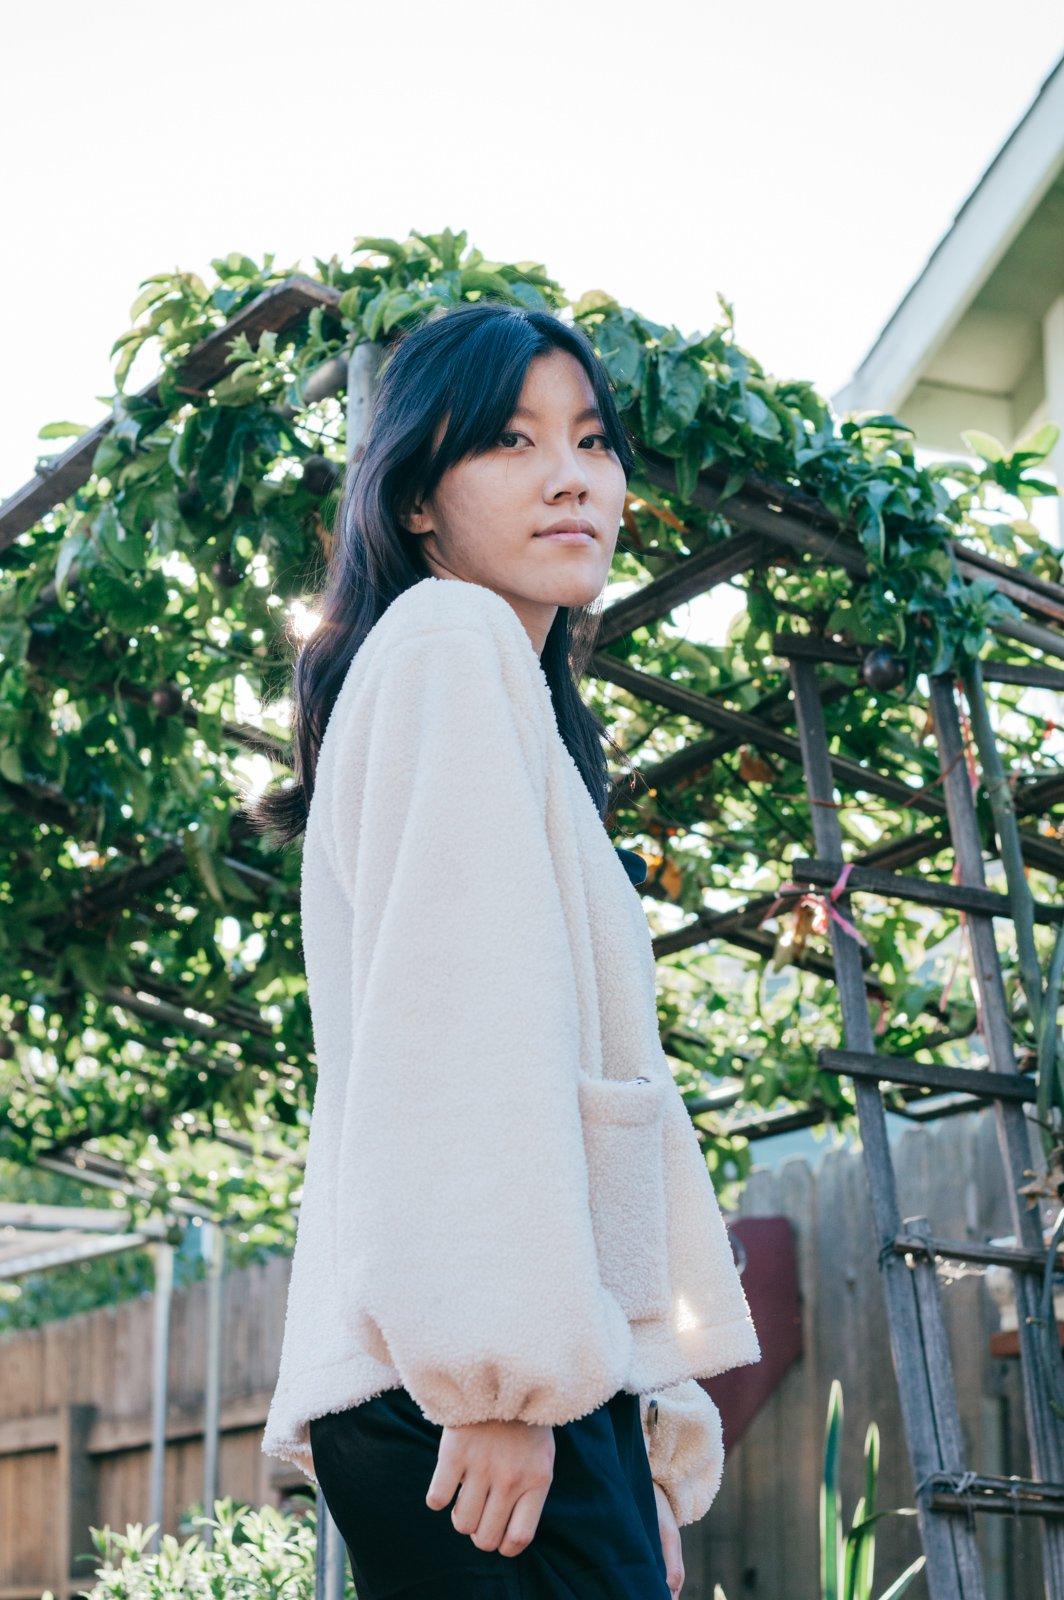 Girl wearing white cardigan